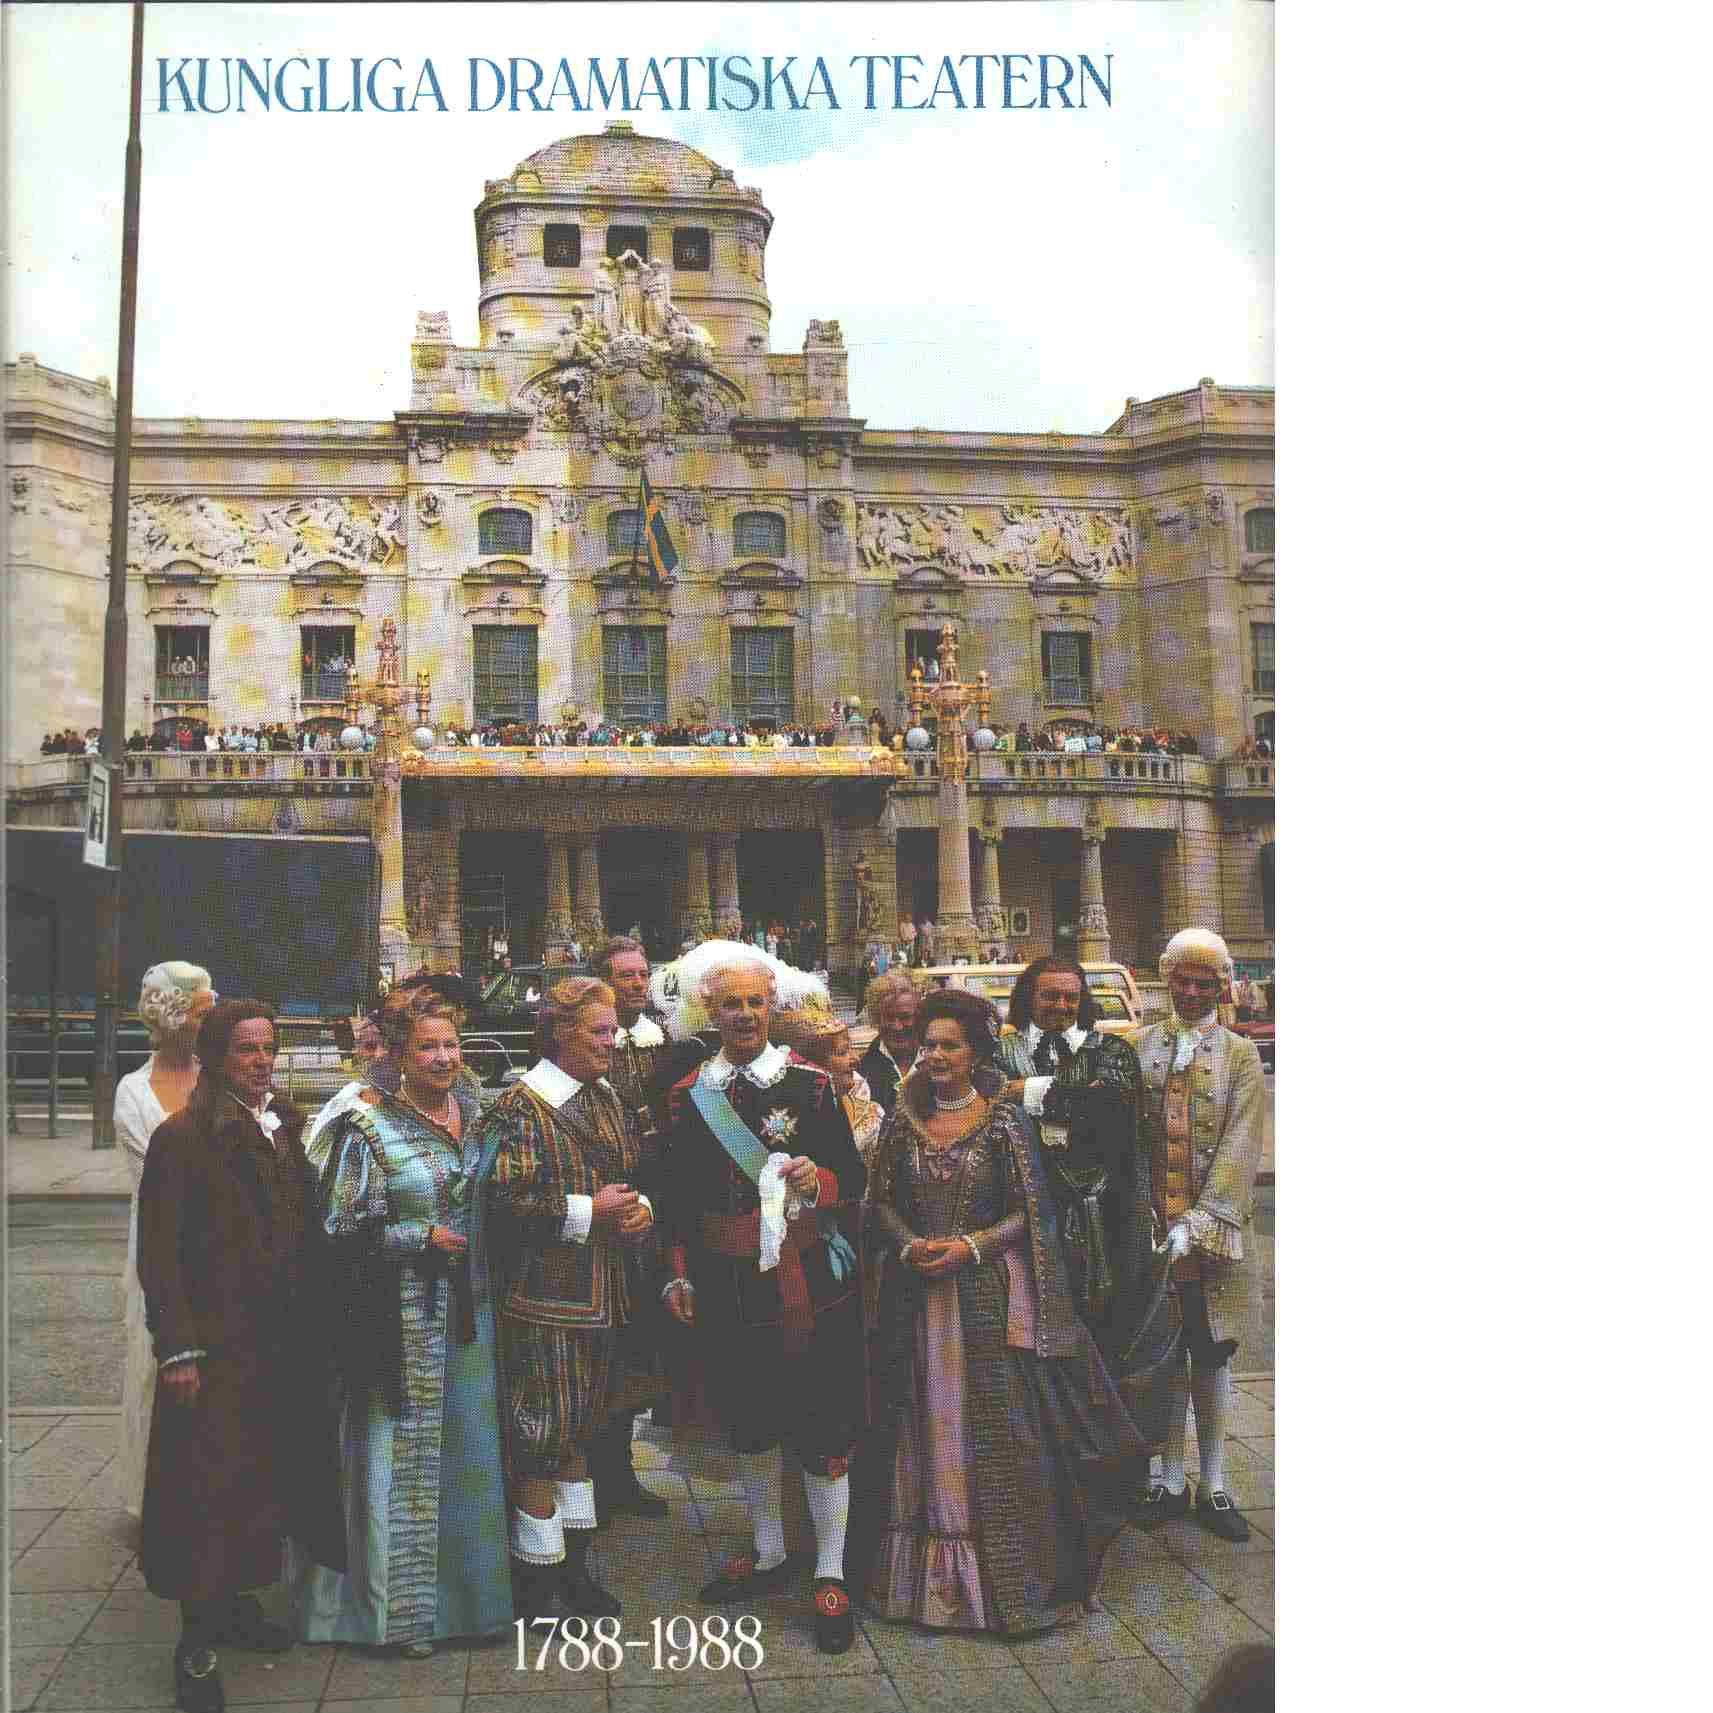 Kungliga Dramatiska teatern 1788-1988 : jubileumsföreställning i fyra akter - Red. Näslund, Erik och Sörenson, Elisabeth samt Bergman, Ingmar